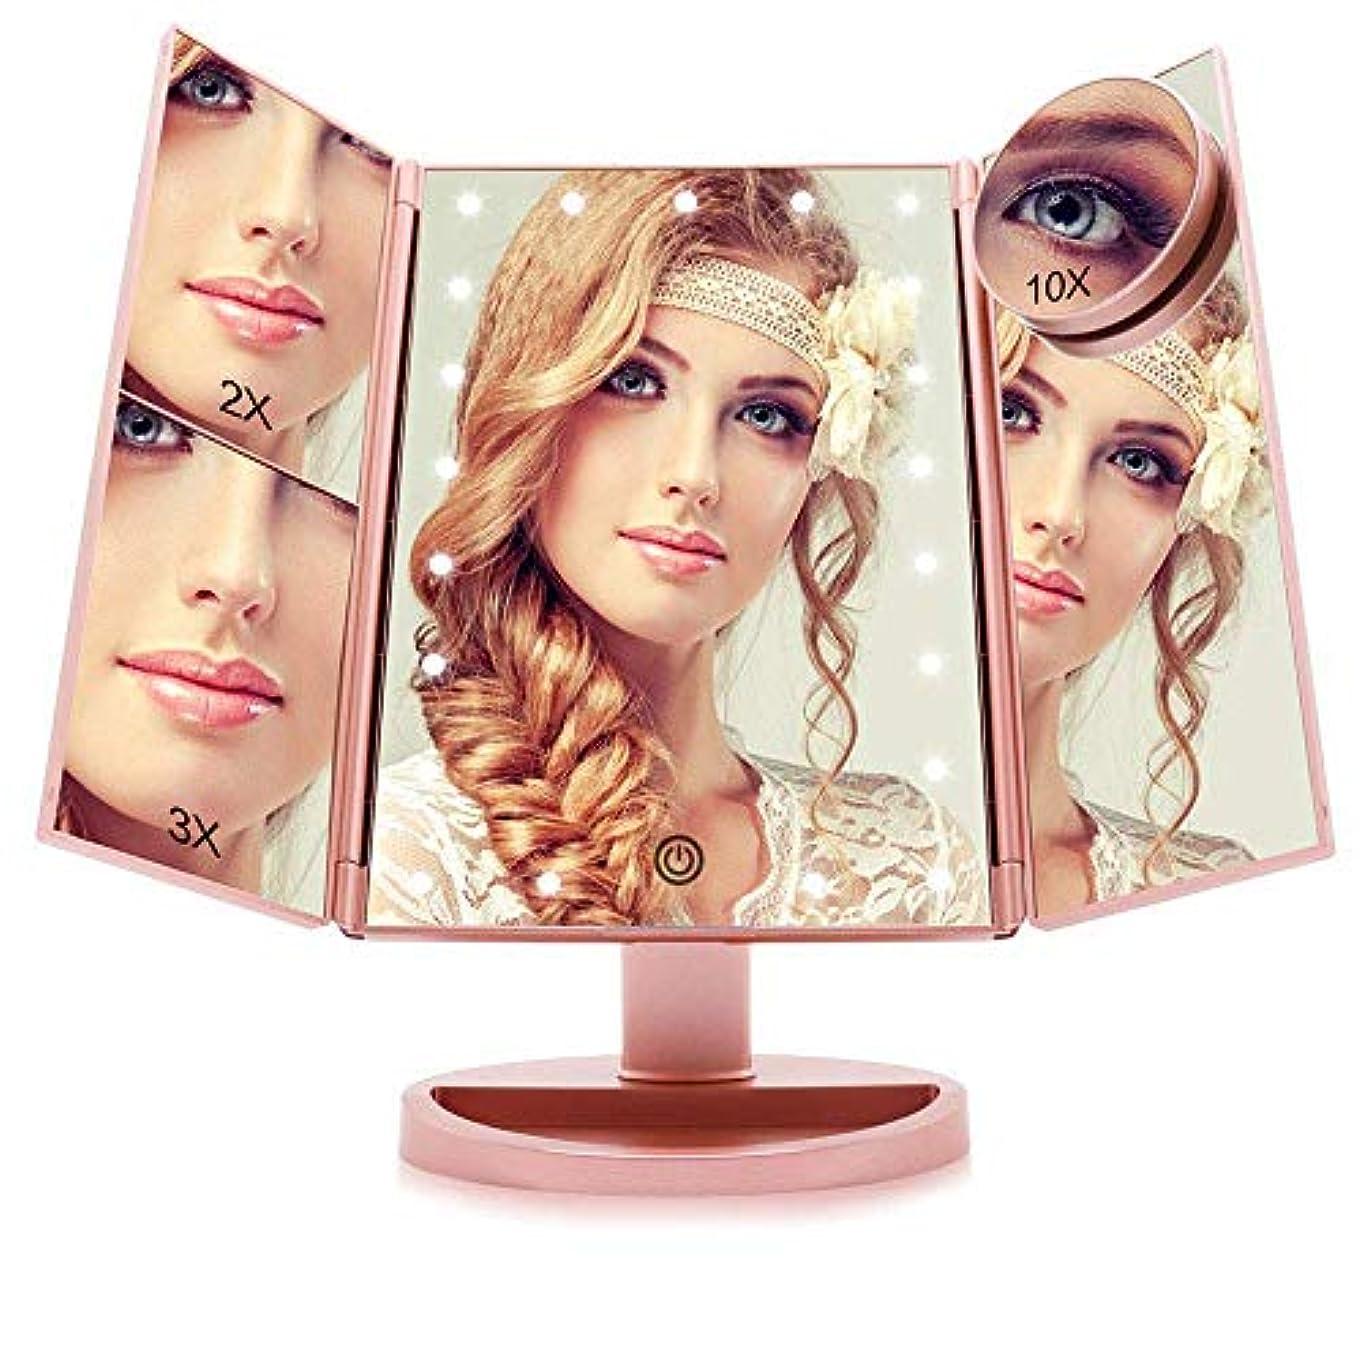 日付ロック安息Funtouch 化粧鏡 三面鏡 化粧ミラー 卓上ミラー 鏡 led付き 折りたたみ 2&3&10倍拡大鏡付き 明るさ調節可能 180°回転 プレゼント(Rose Gold)